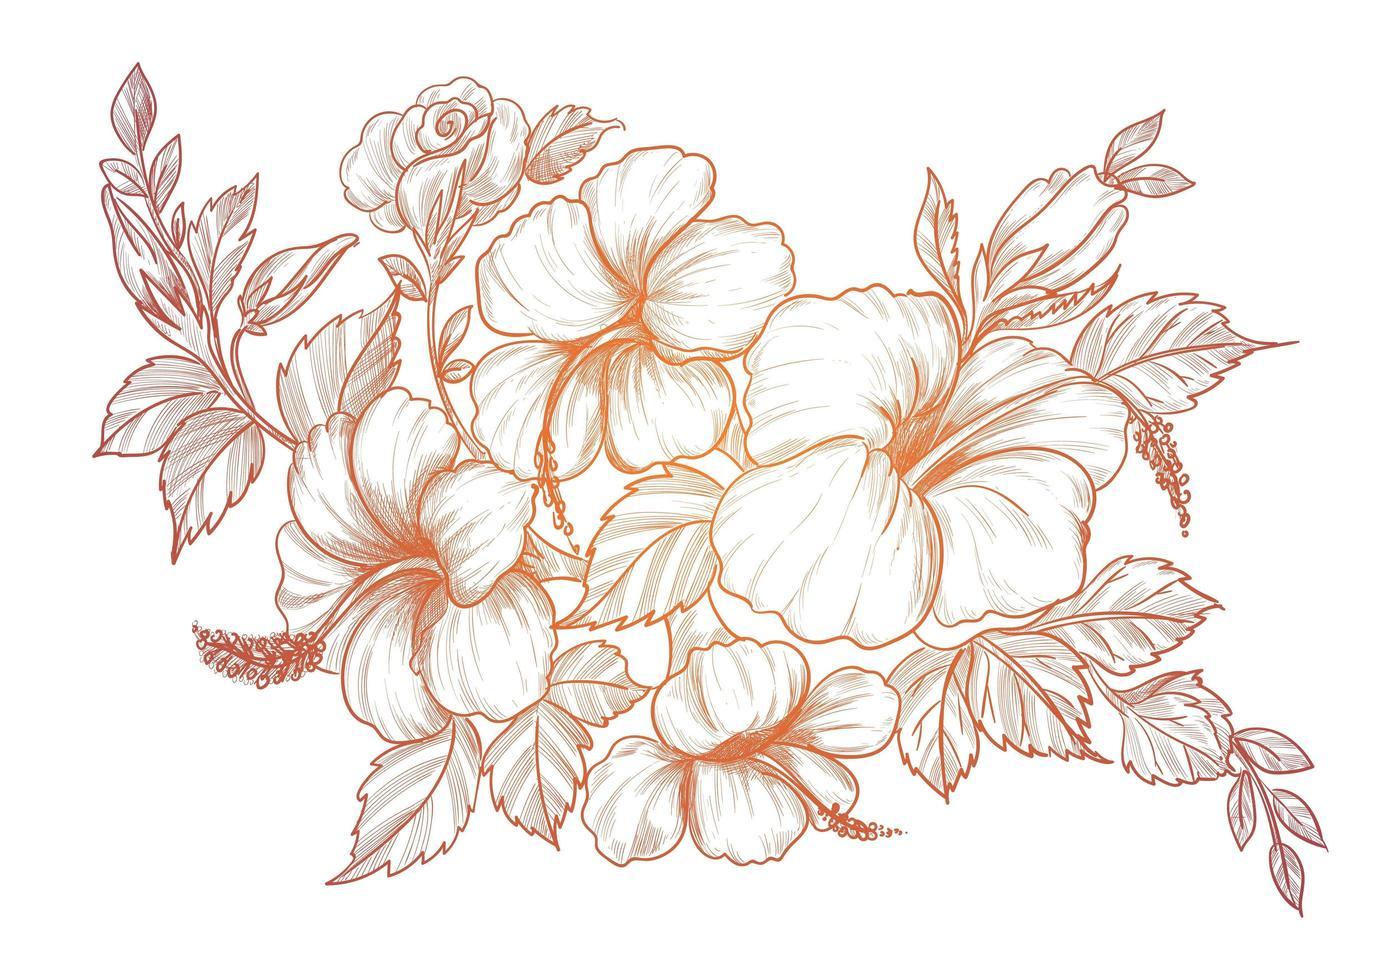 dekorative Blumenmuster der Farbverlaufsskizze vektor